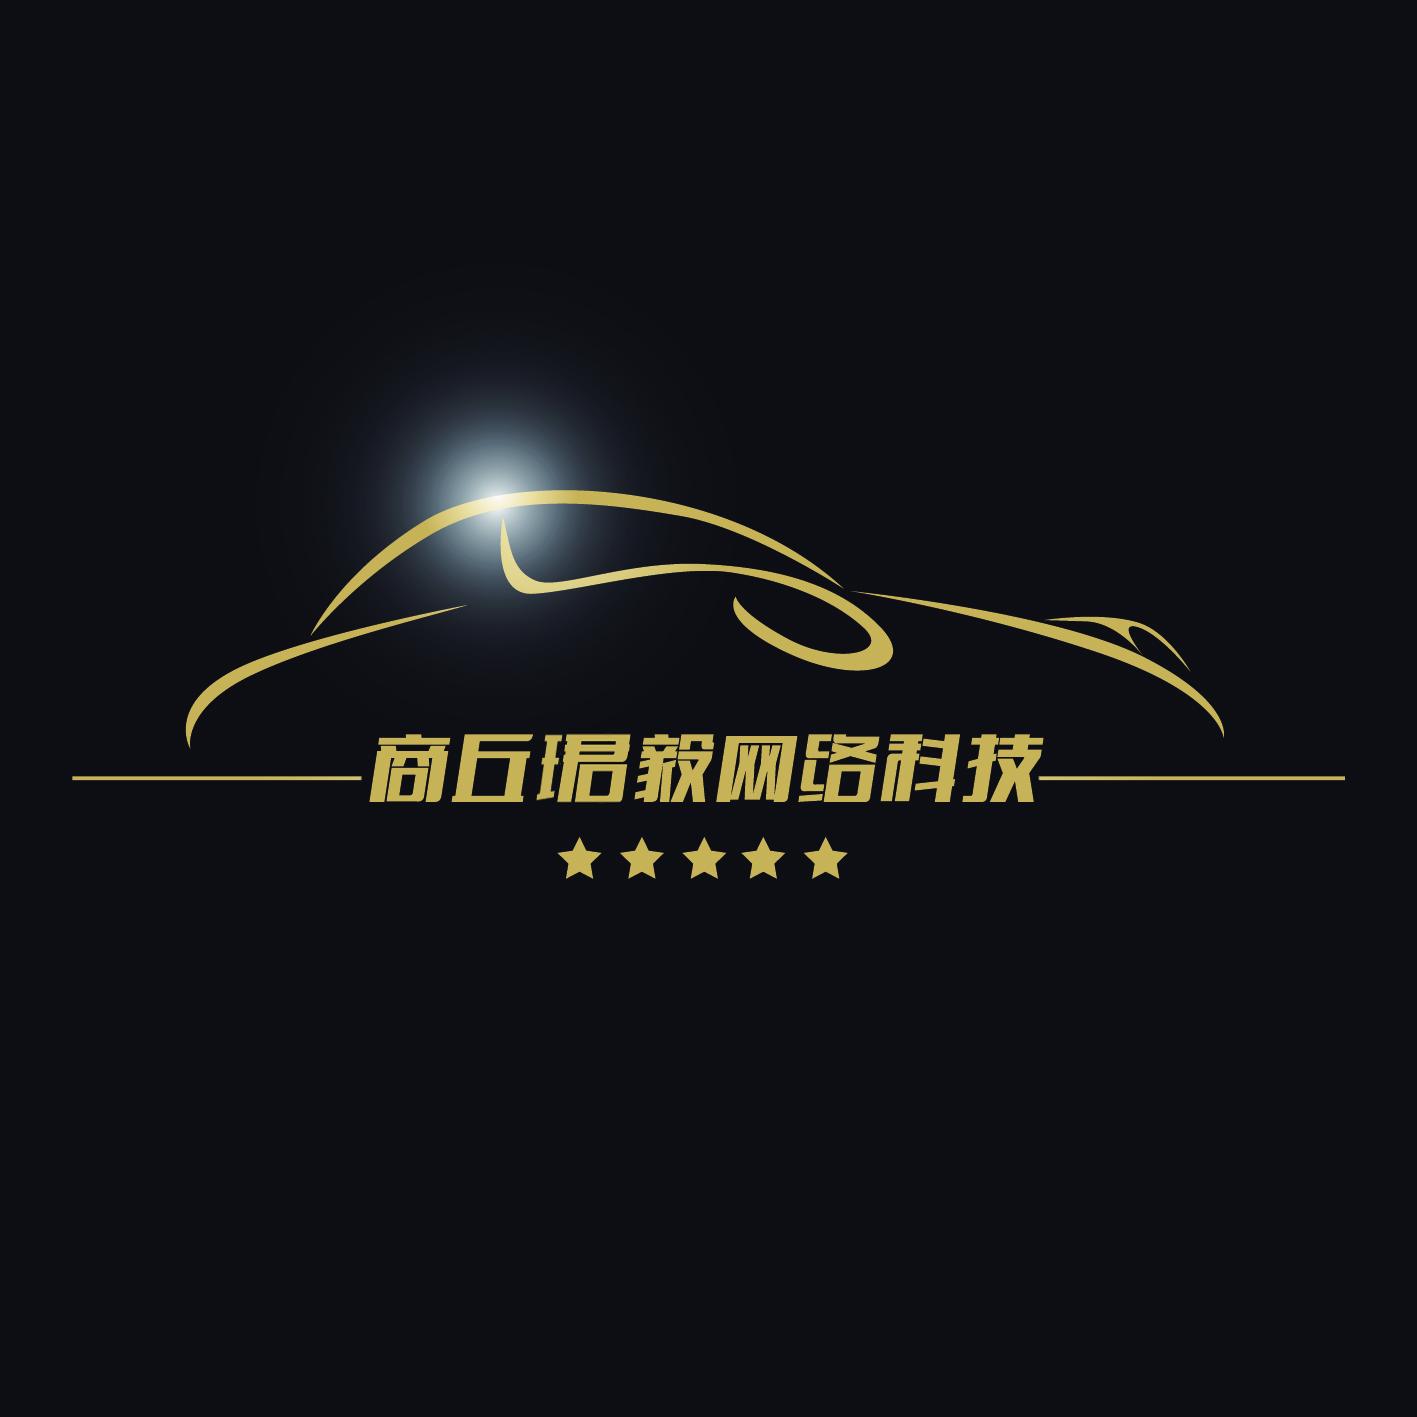 商丘市珺毅网络科技有限公司